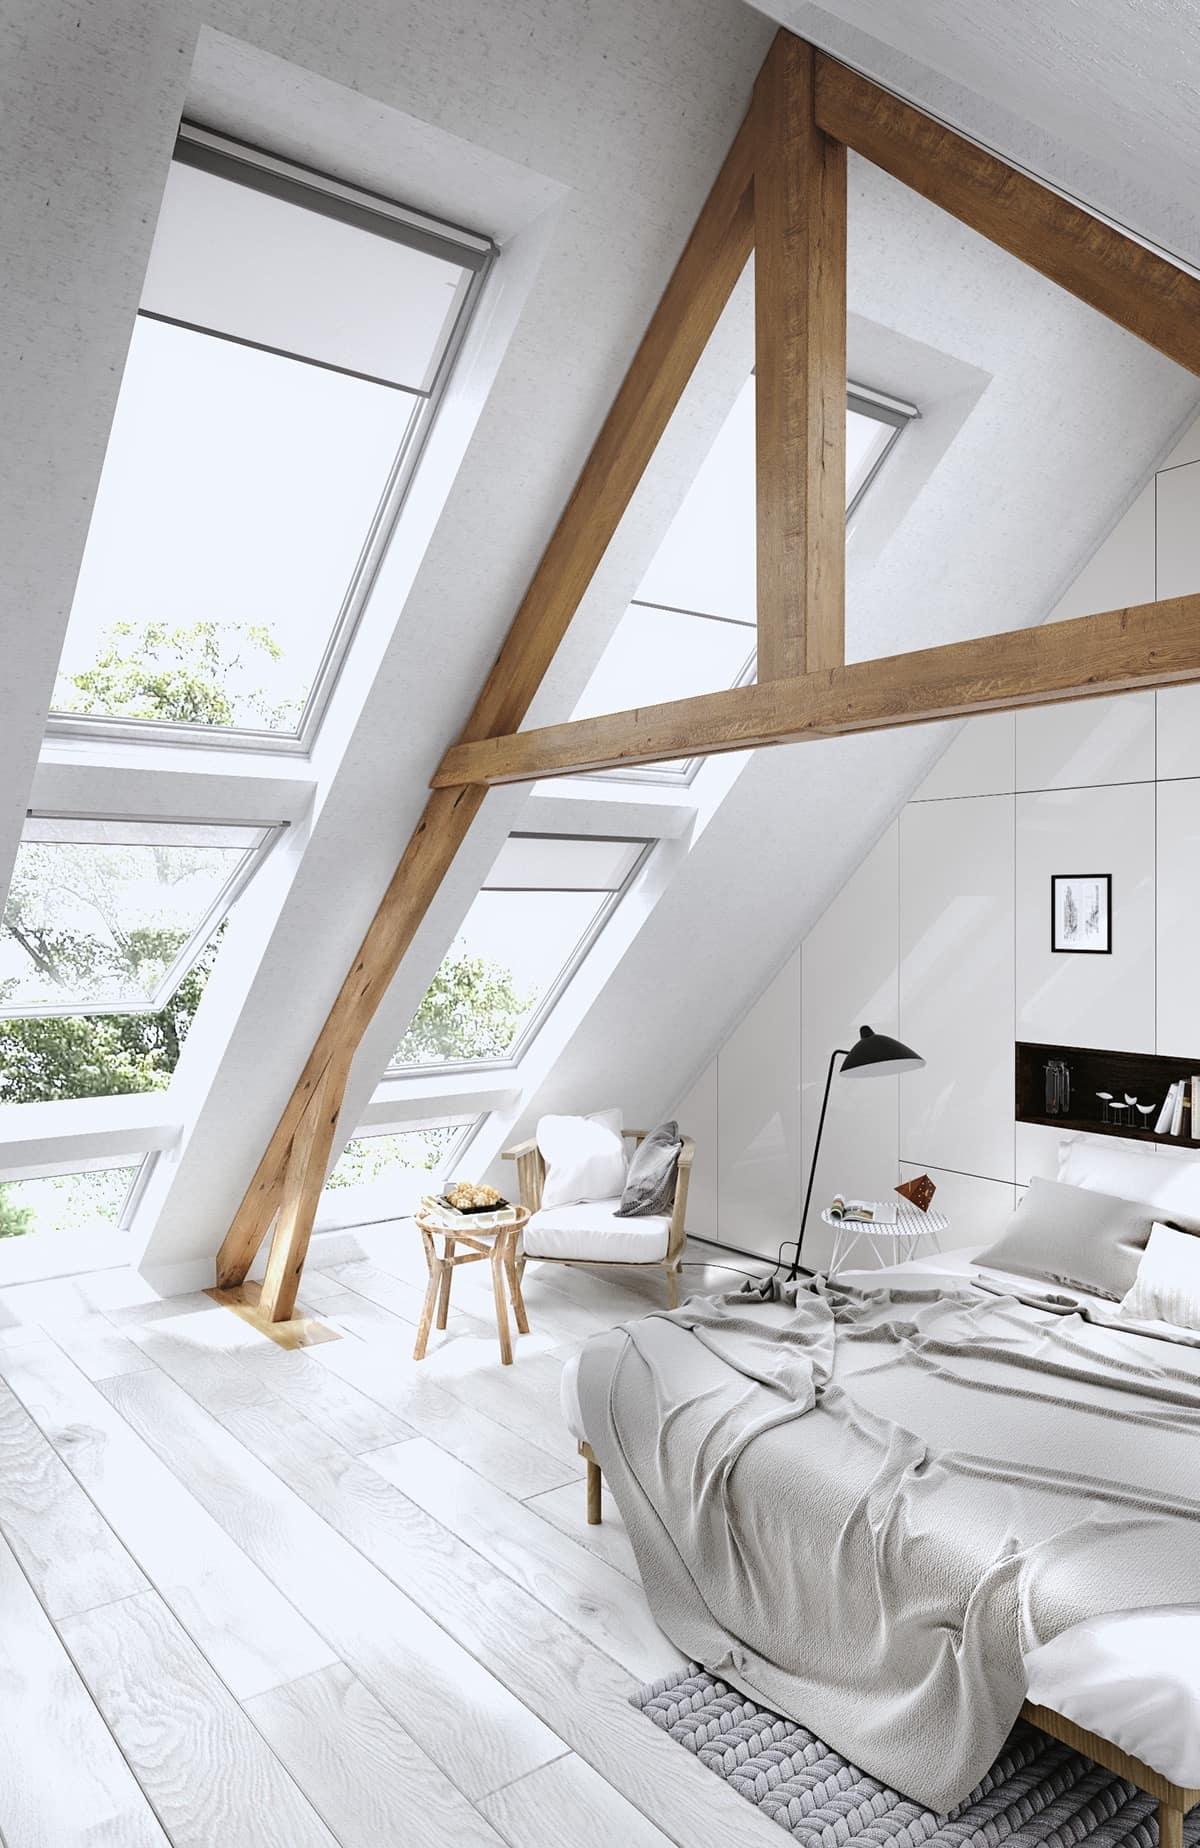 Белая спальня смотрится стильно, если эту монохромную гамму разбавляет эффектный элемент декора, например деревянные балки